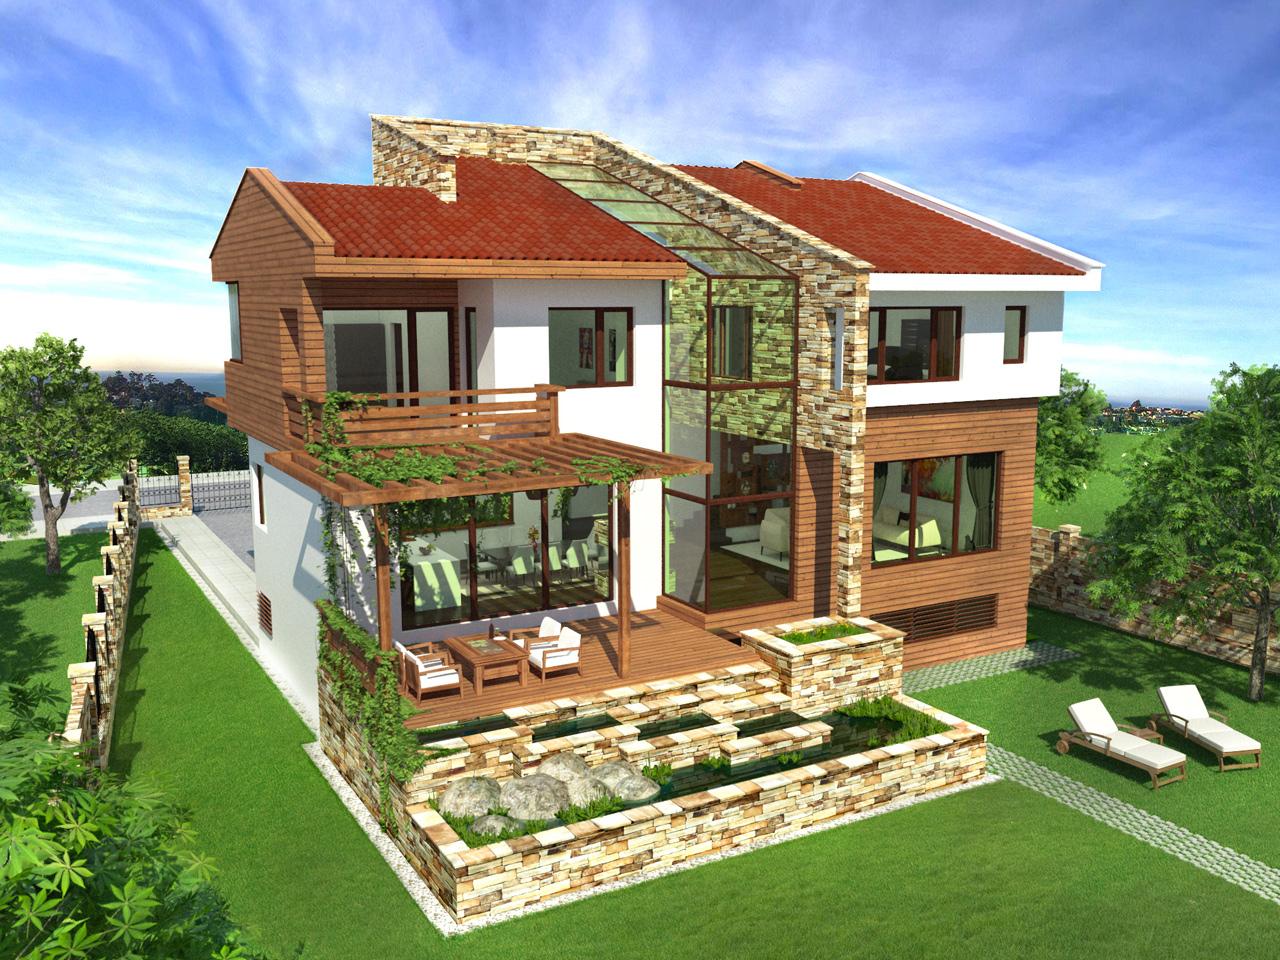 еднофамилна къща ТЕРРА - веранда, вътрешен двор